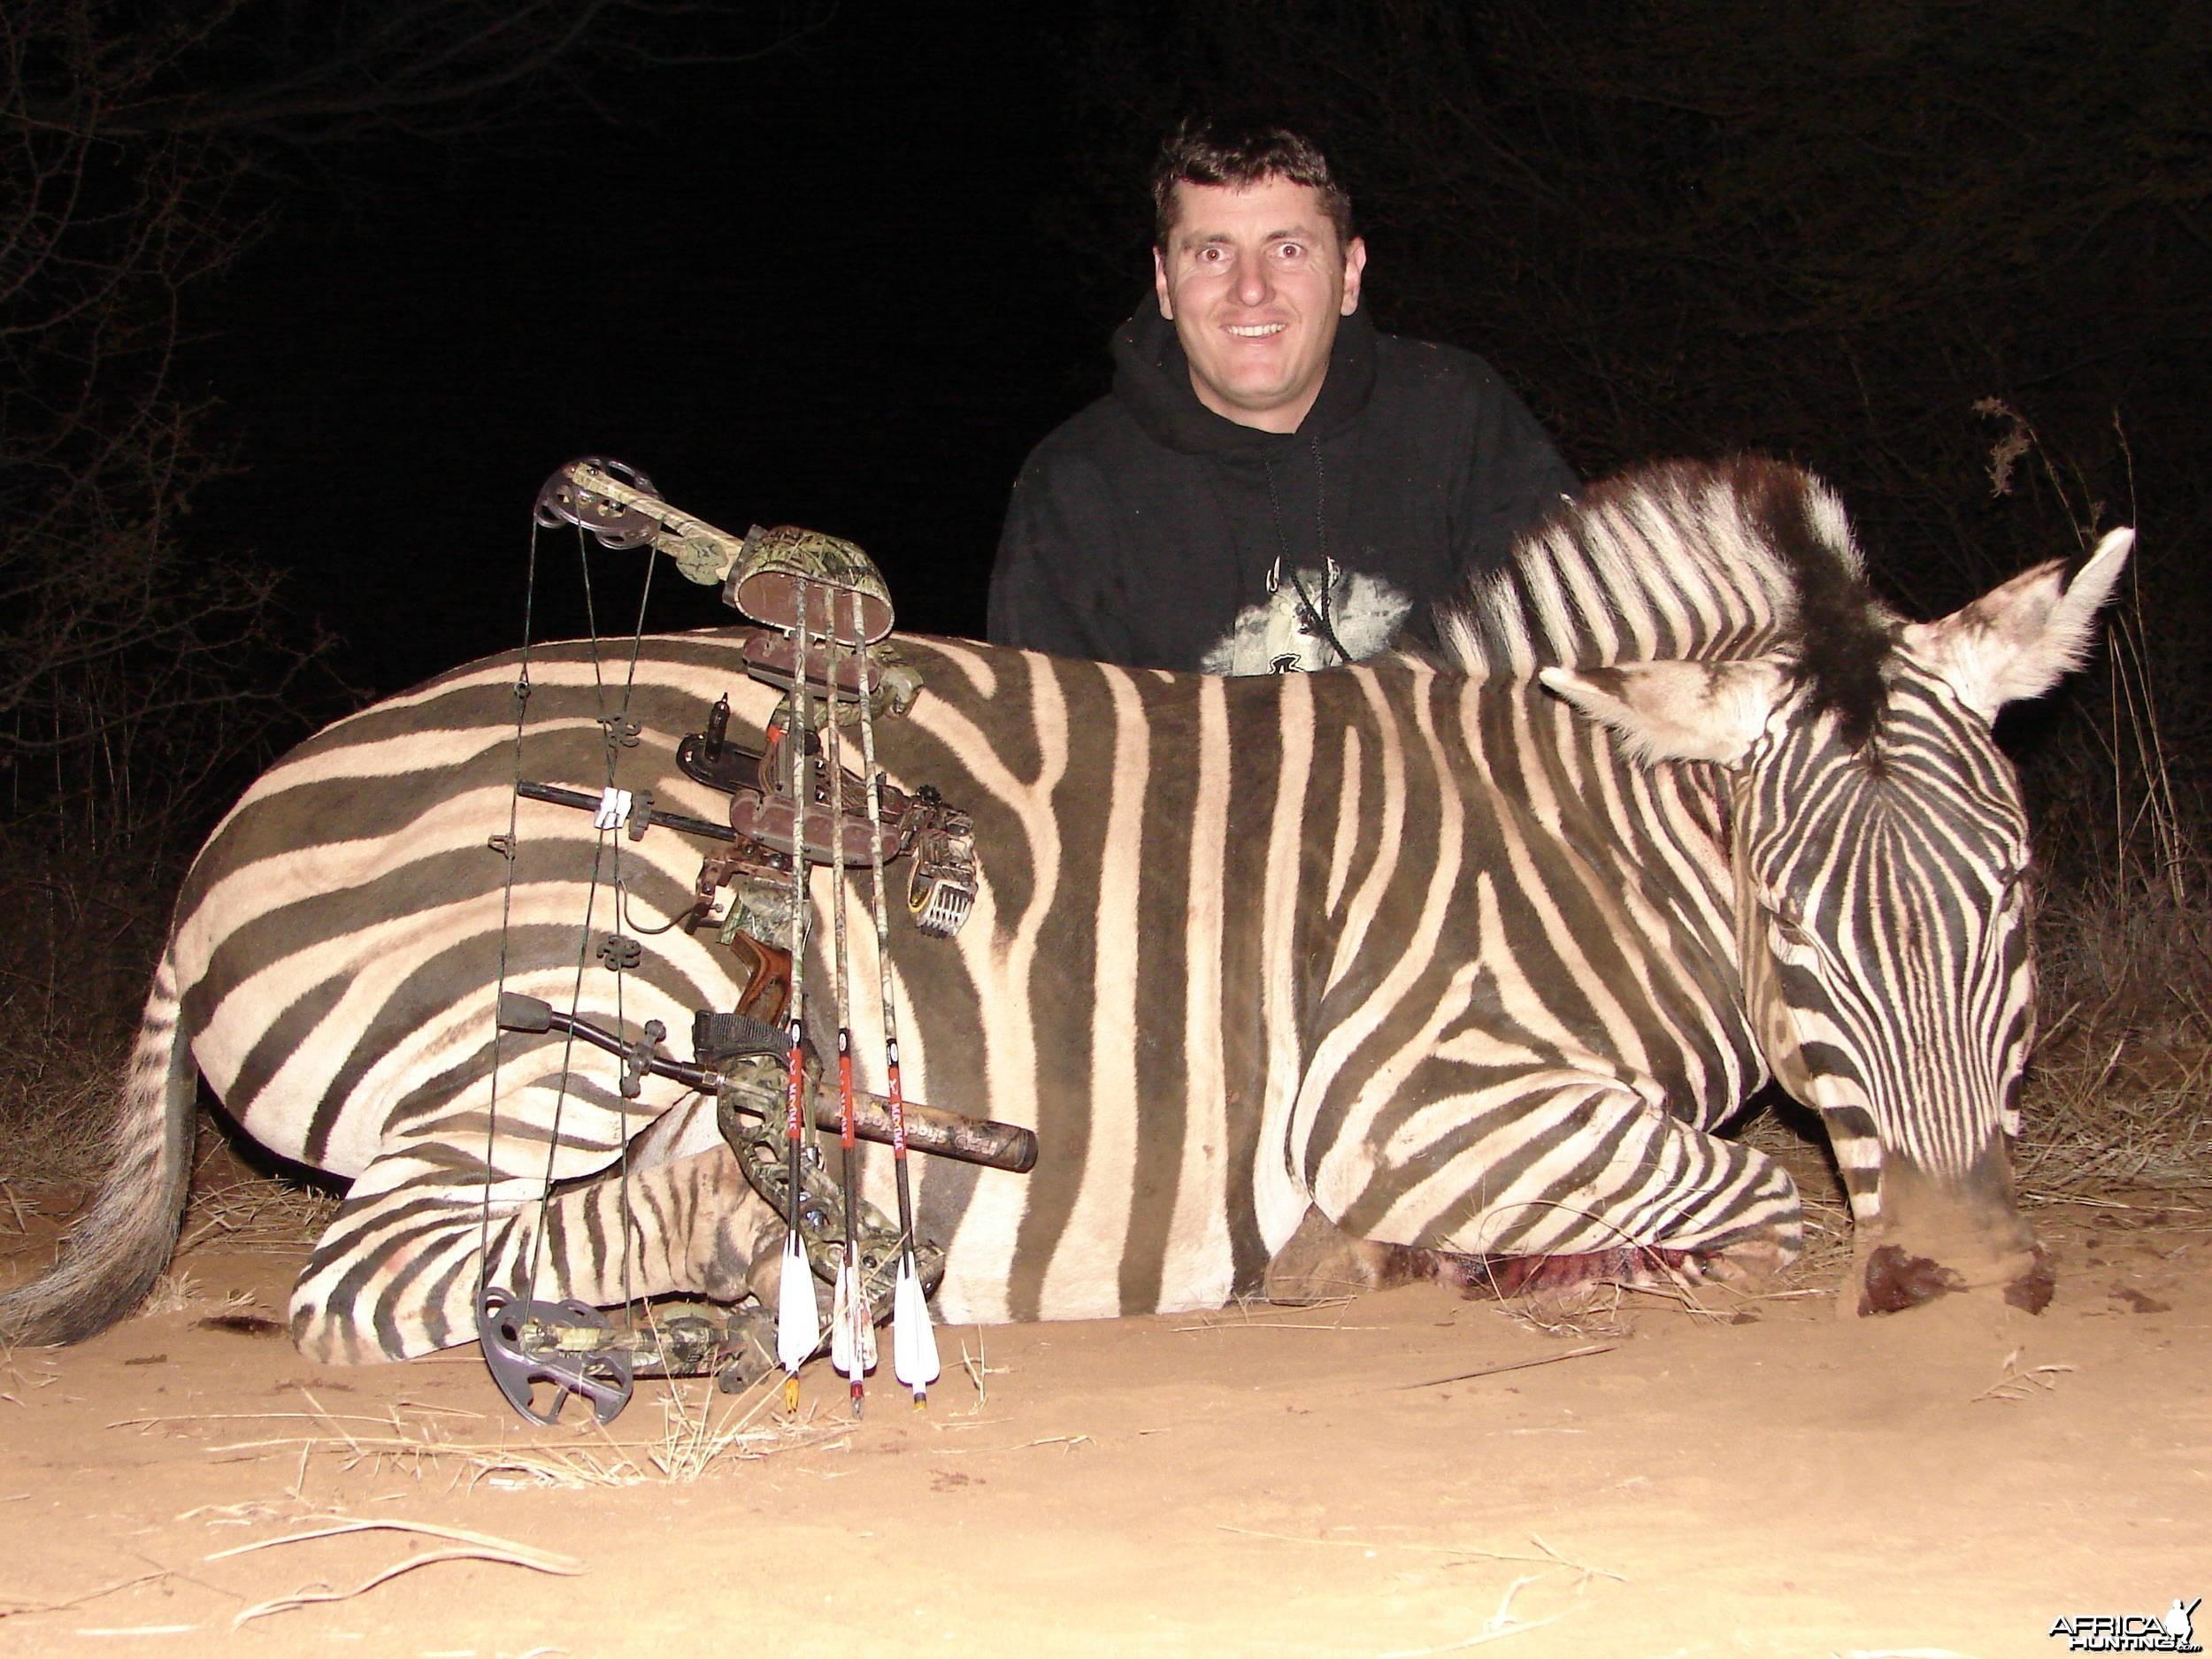 Zebra stallion